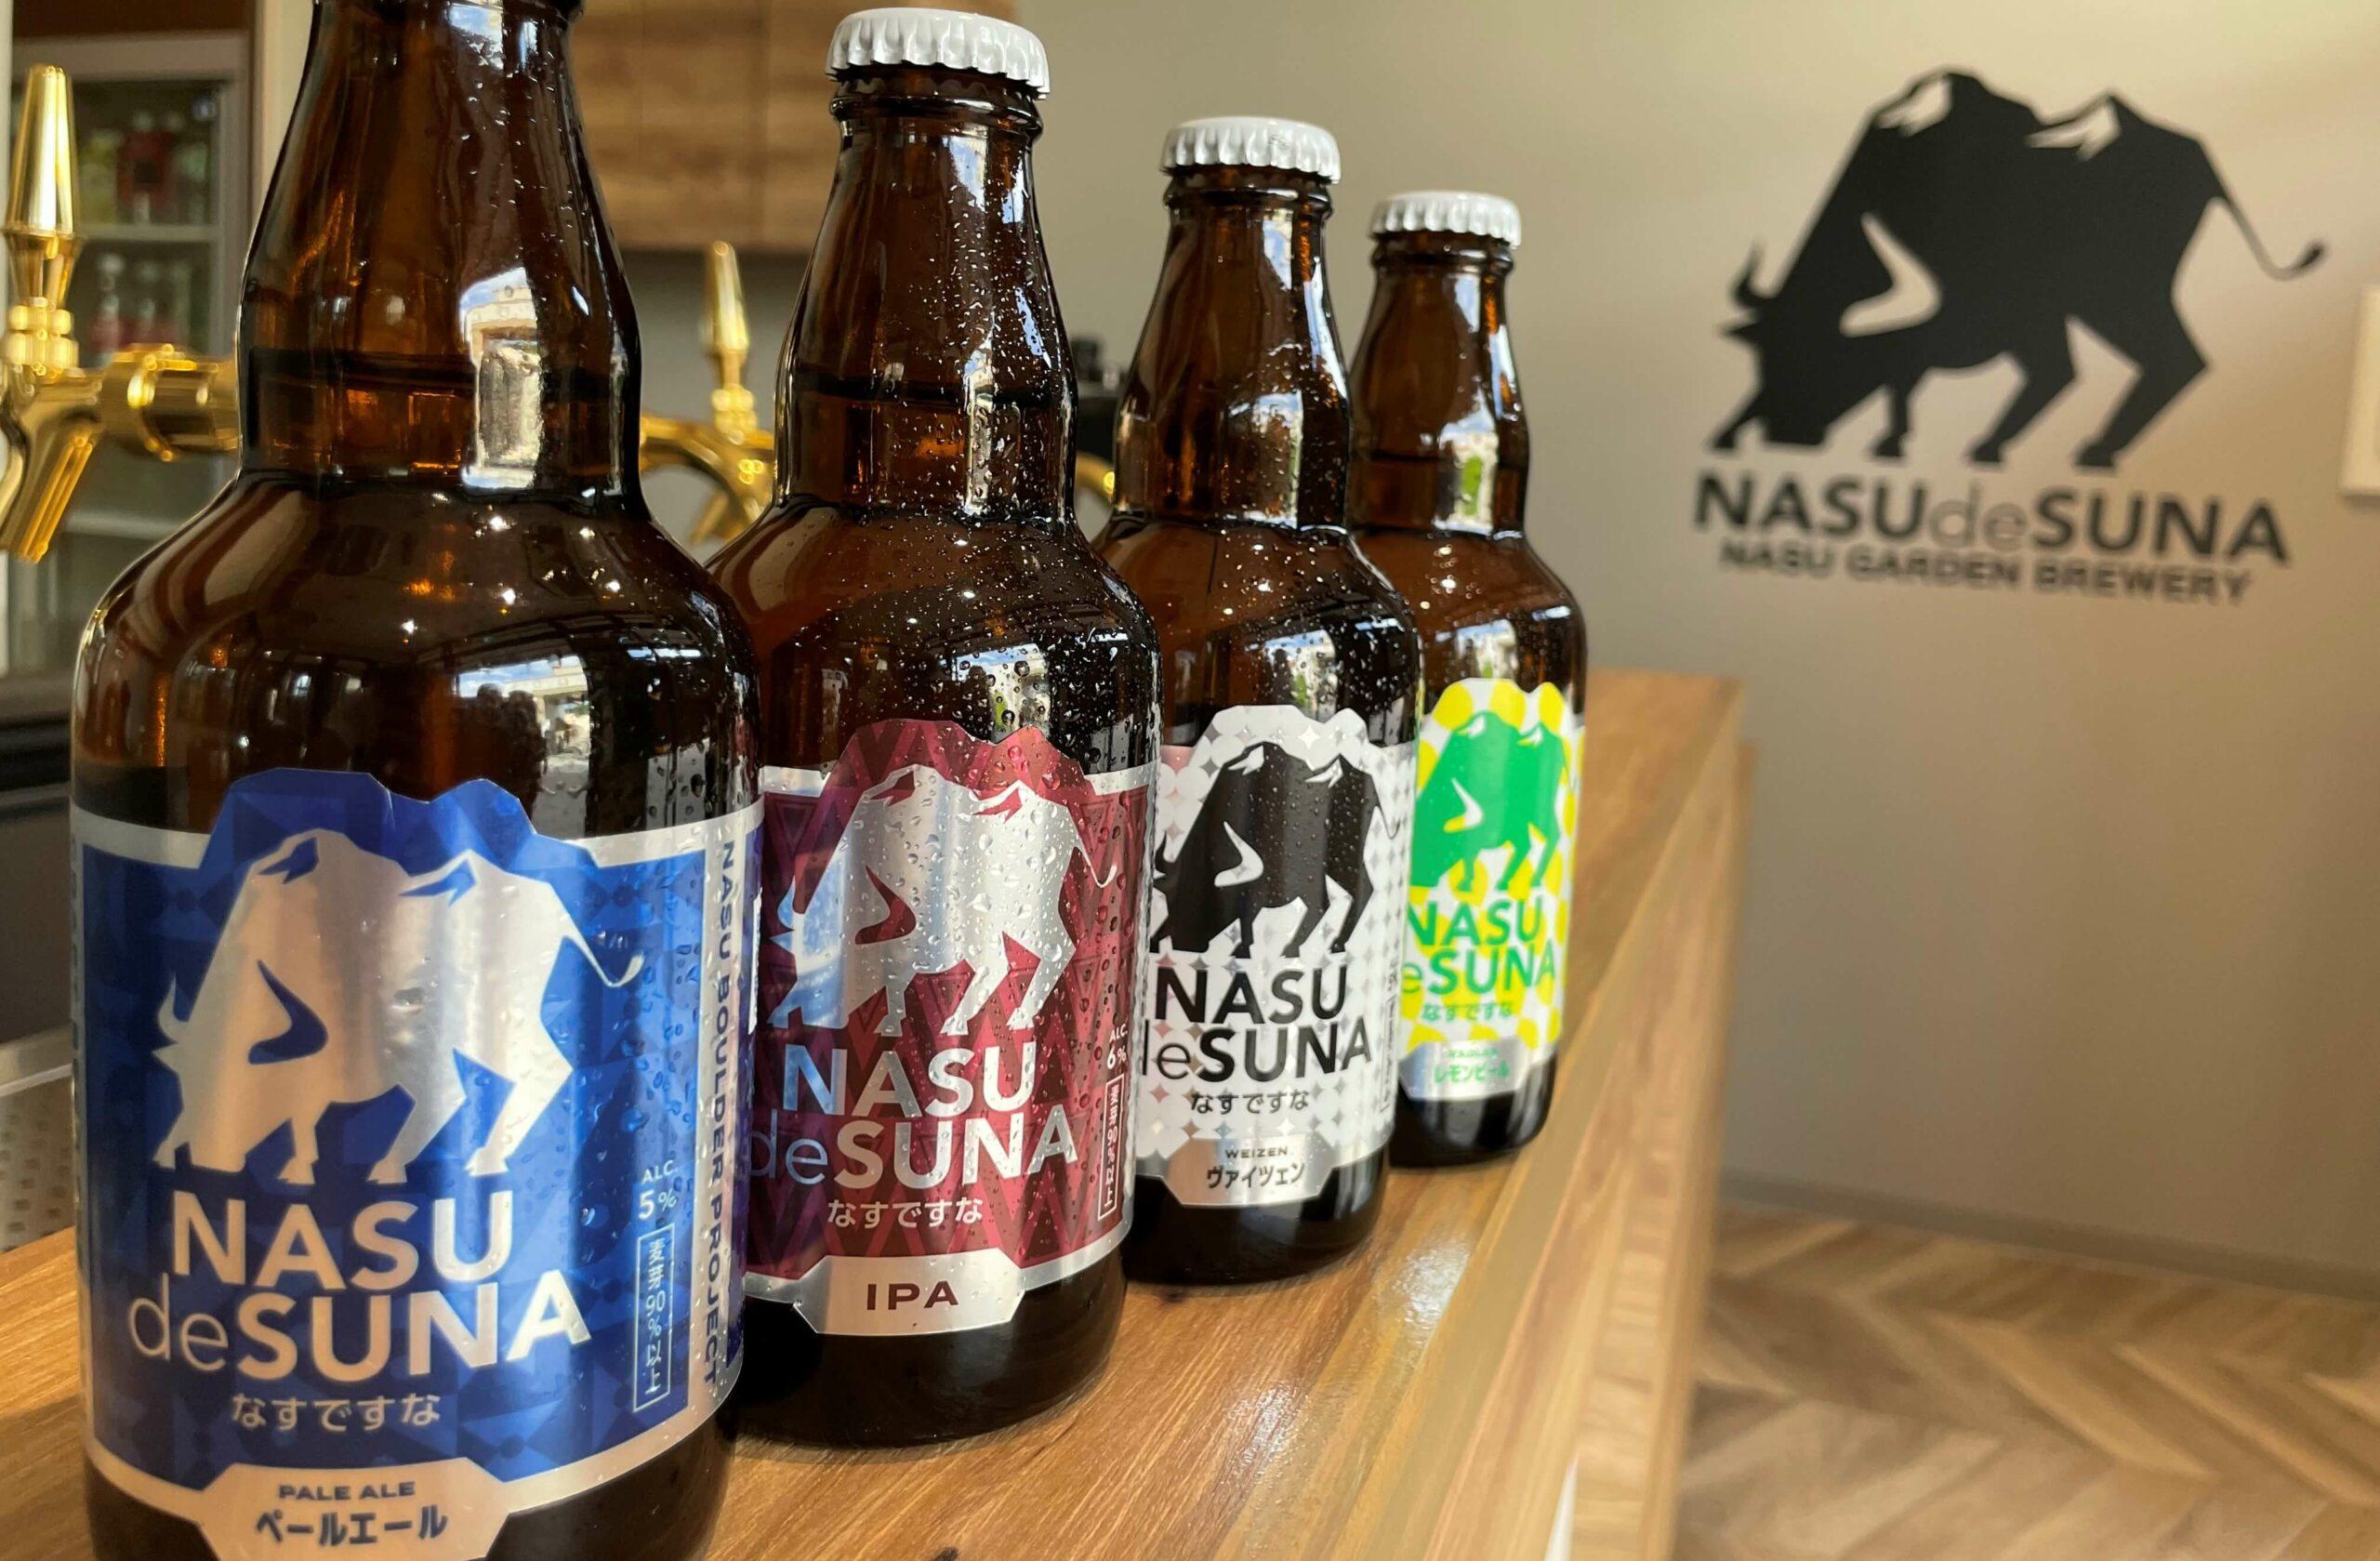 9月17日より那須塩原で唯一のクラフトビール醸造所「那須ガーデンブルワリー」がオープン!